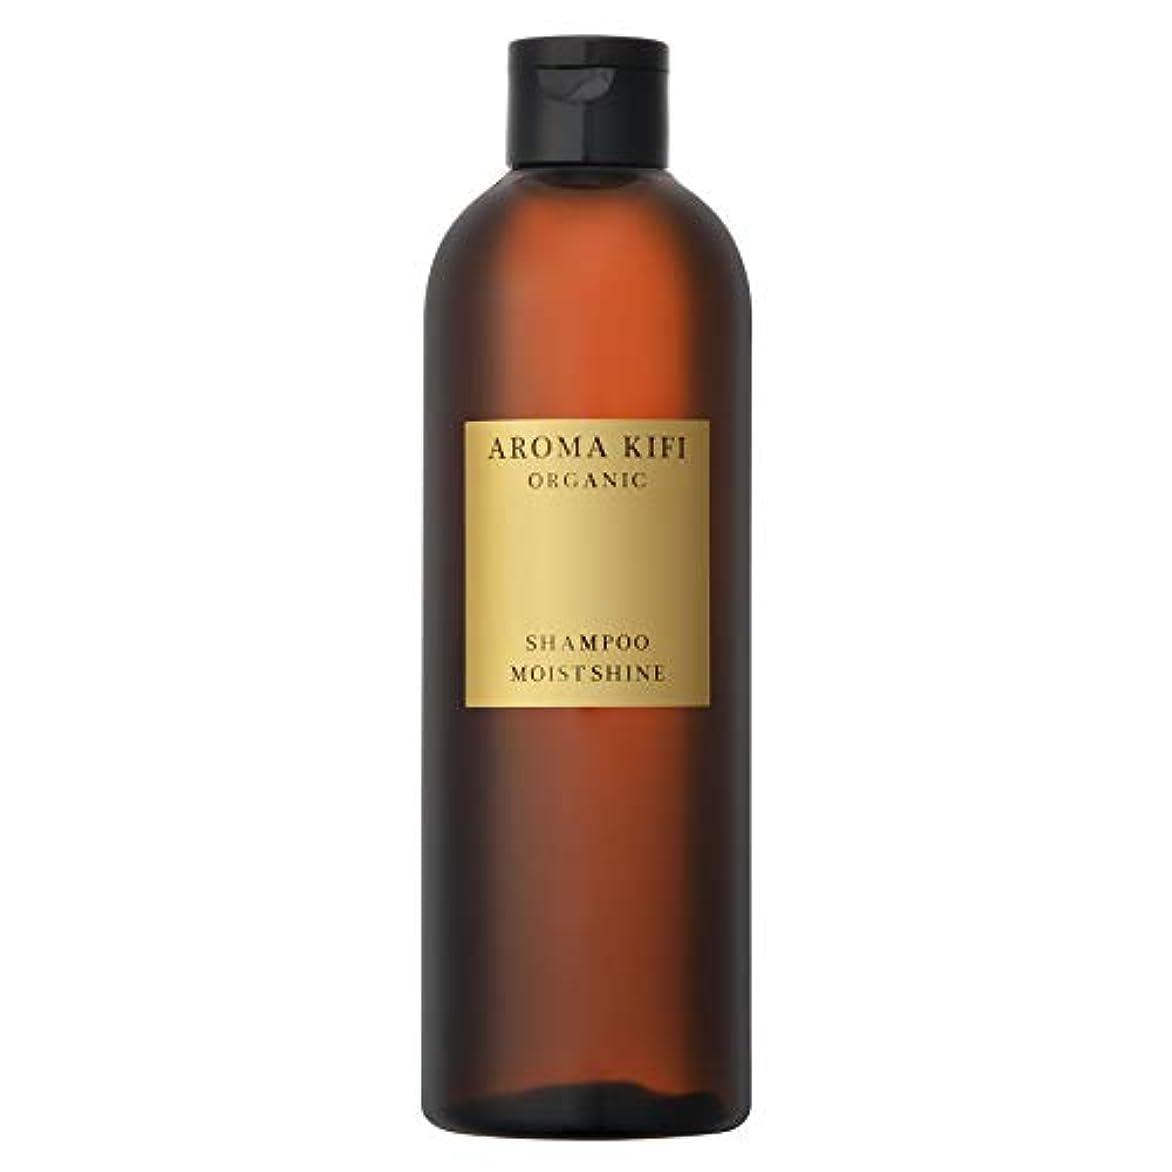 私たちのマーケティング言い直すアロマキフィ オーガニック シャンプー 480ml 【モイスト&シャイン】サロン品質 ノンシリコン 無添加 アロマティックハーブの香り